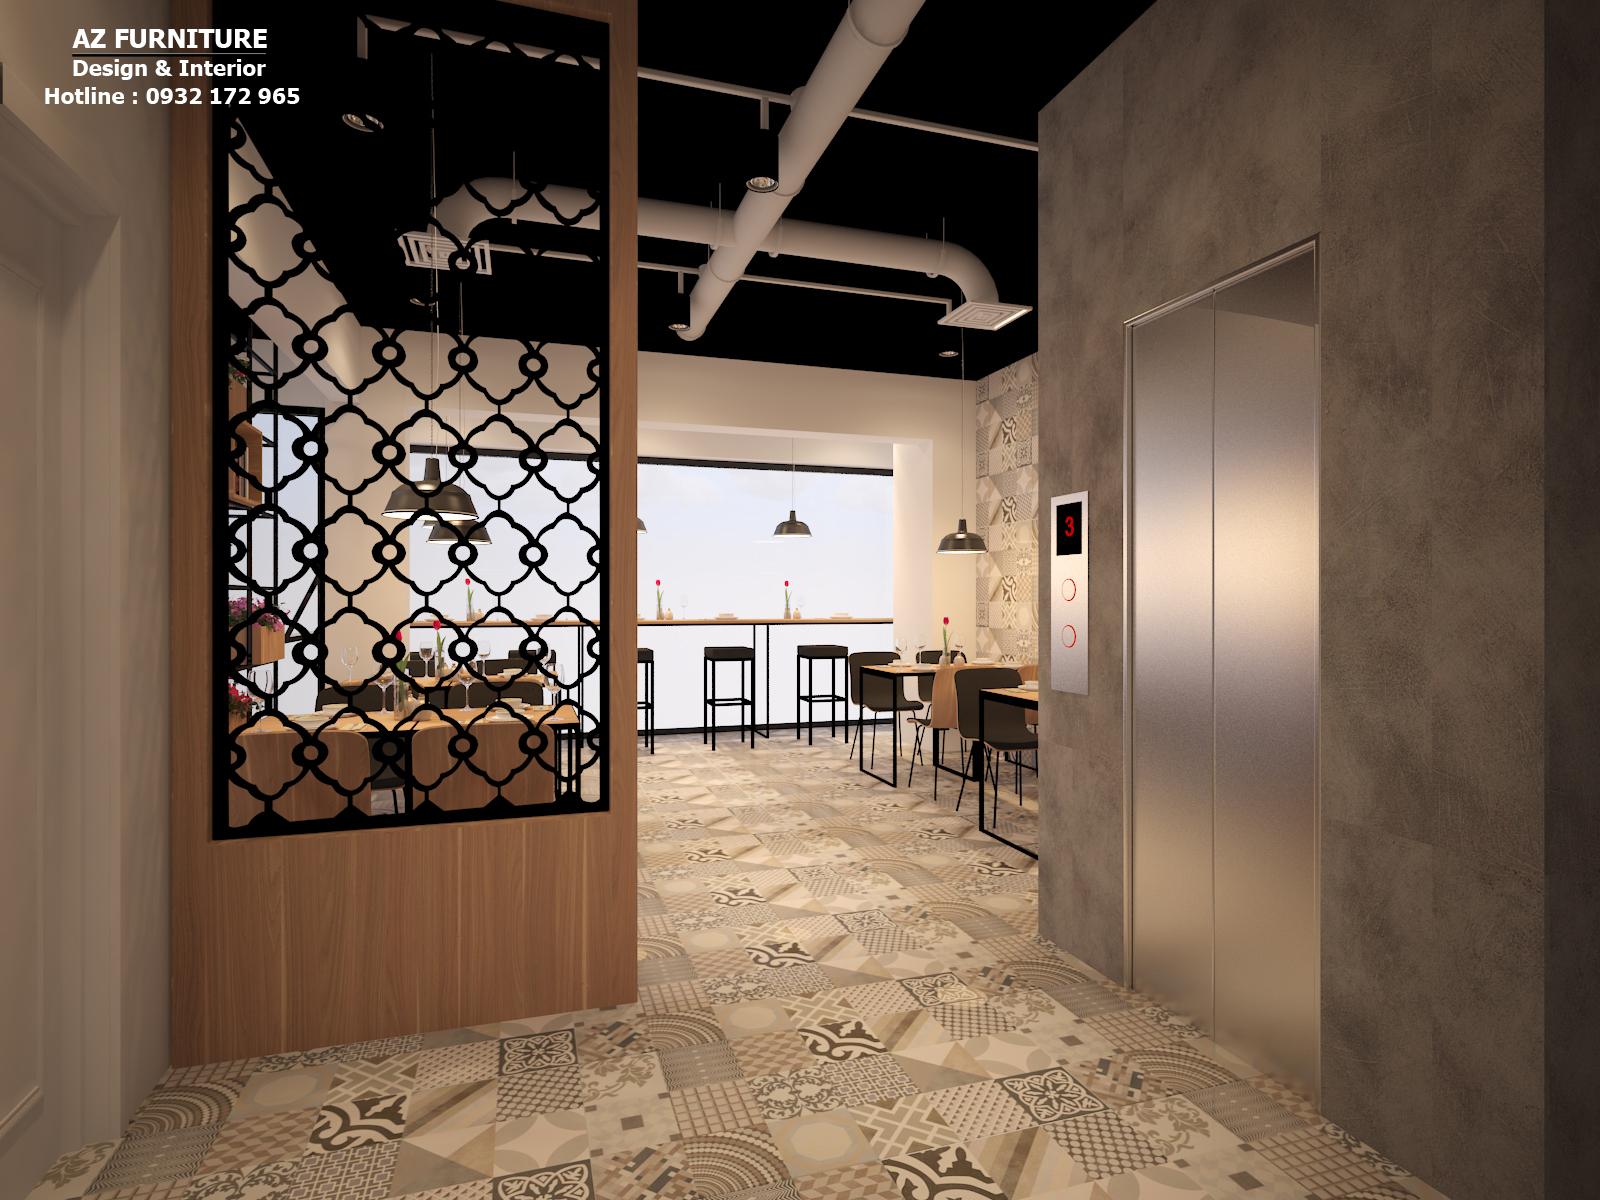 Thiết kế nội thất nhà hàng sang trọng